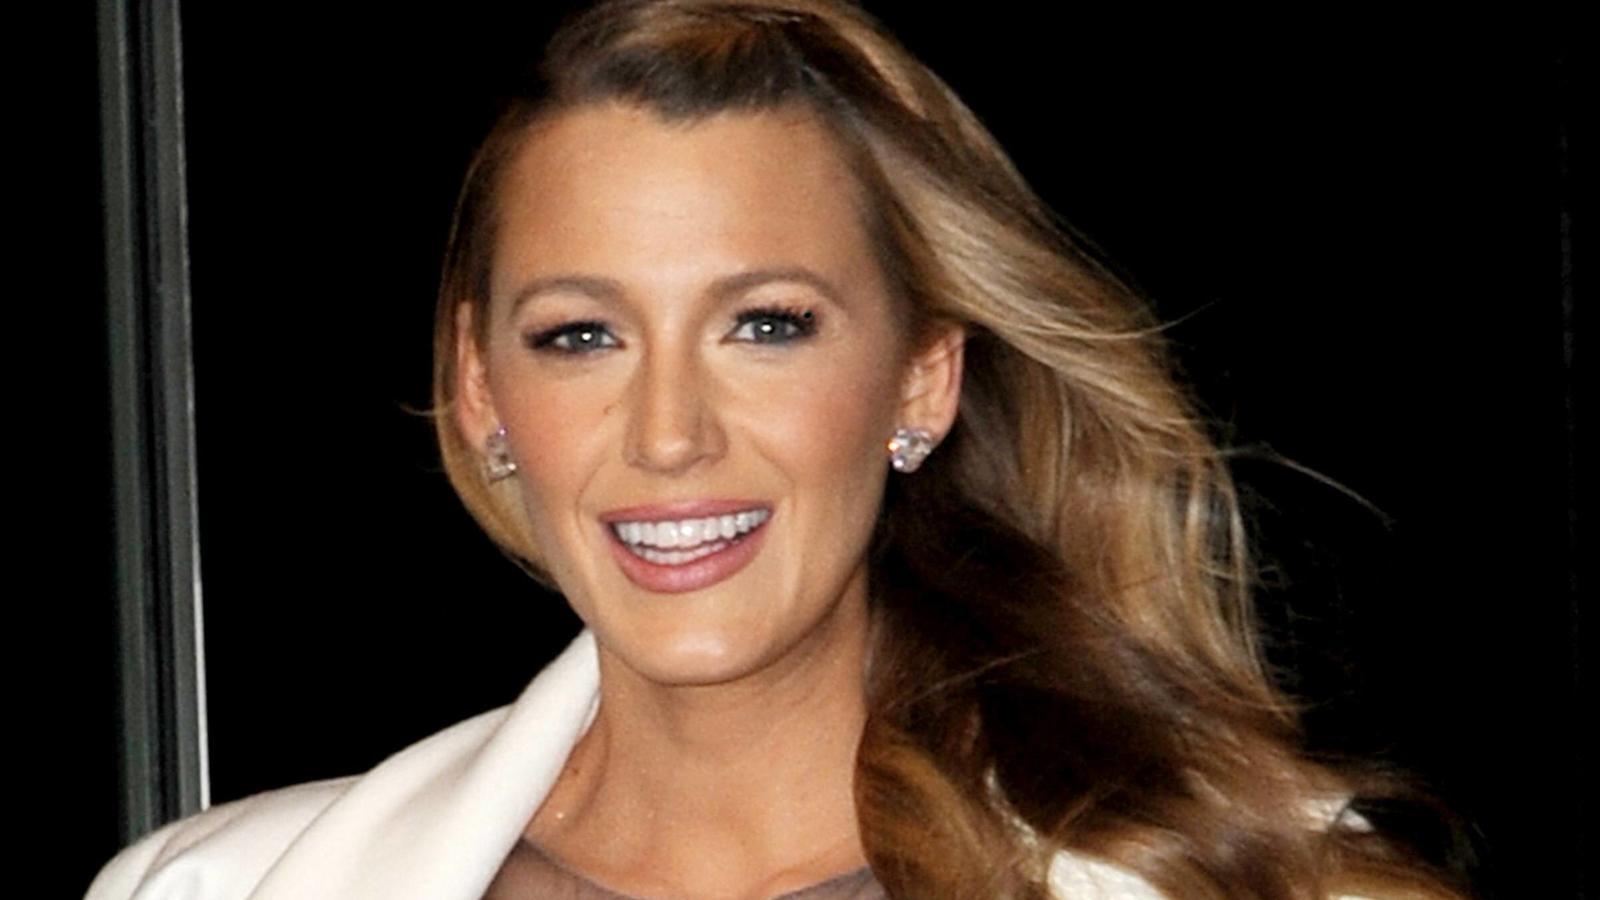 """Blake Lively landete mit dem Serien-Hit """"Gossip Girl"""" einen Volltreffer"""